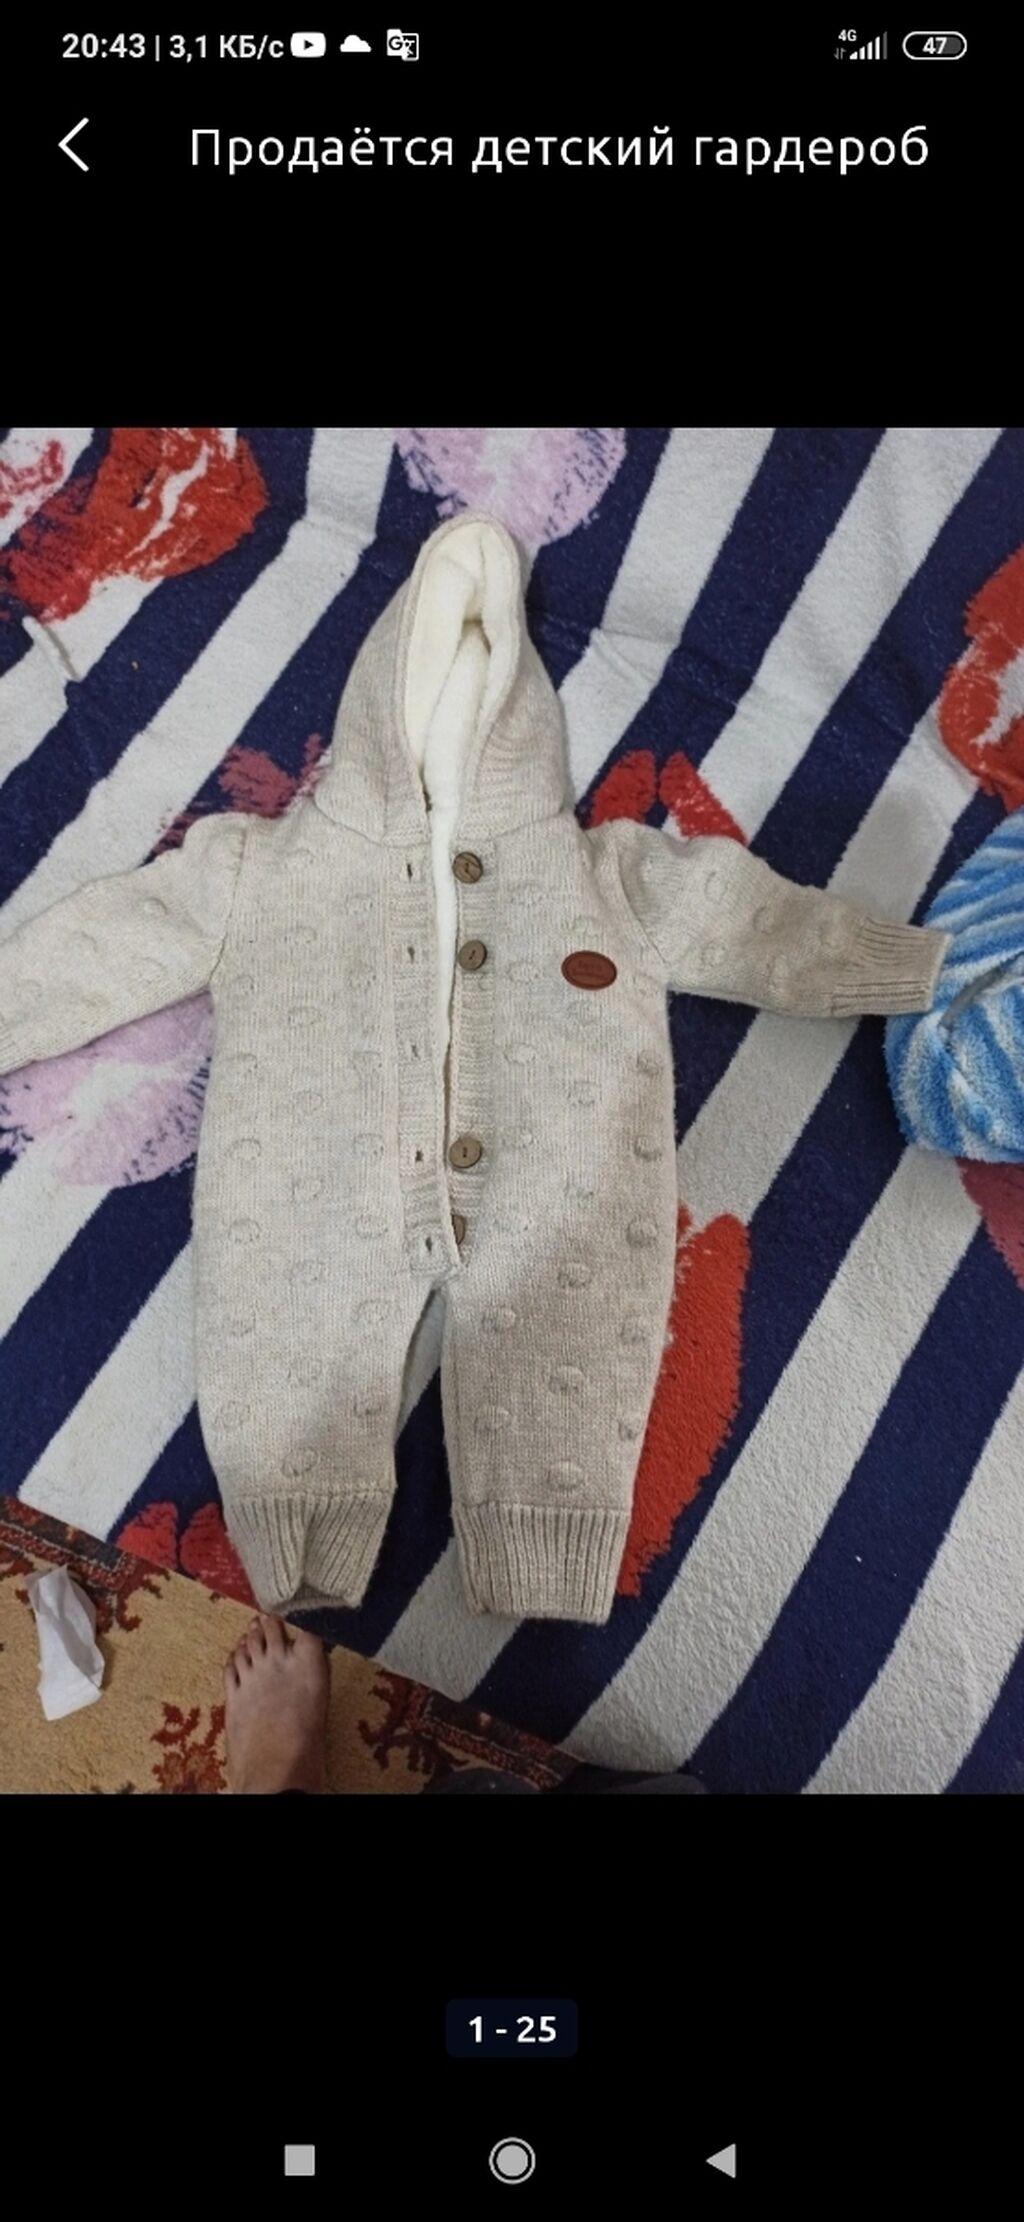 Продаются вещи От 0 до года Вязанный костюм 1200 сом Белый 500 сом   Объявление создано 15 Сентябрь 2021 11:28:25: Продаются вещи От 0 до года Вязанный костюм 1200 сом Белый 500 сом